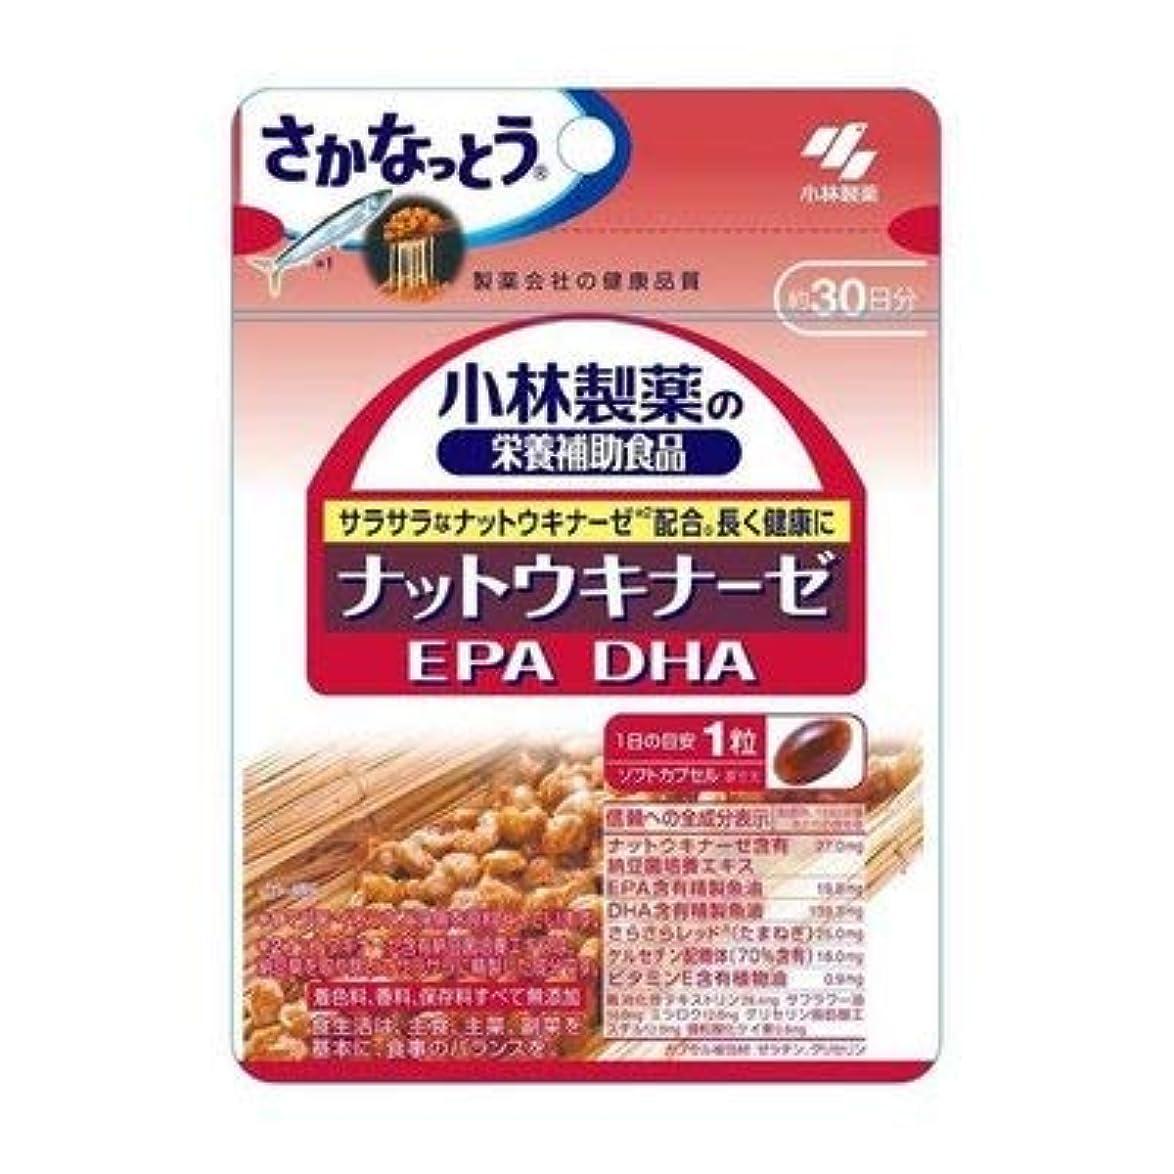 発行するラウズ助けになる小林製薬 小林製薬の栄養補助食品ナットウキナーゼ?DHA?EPA30粒×5袋